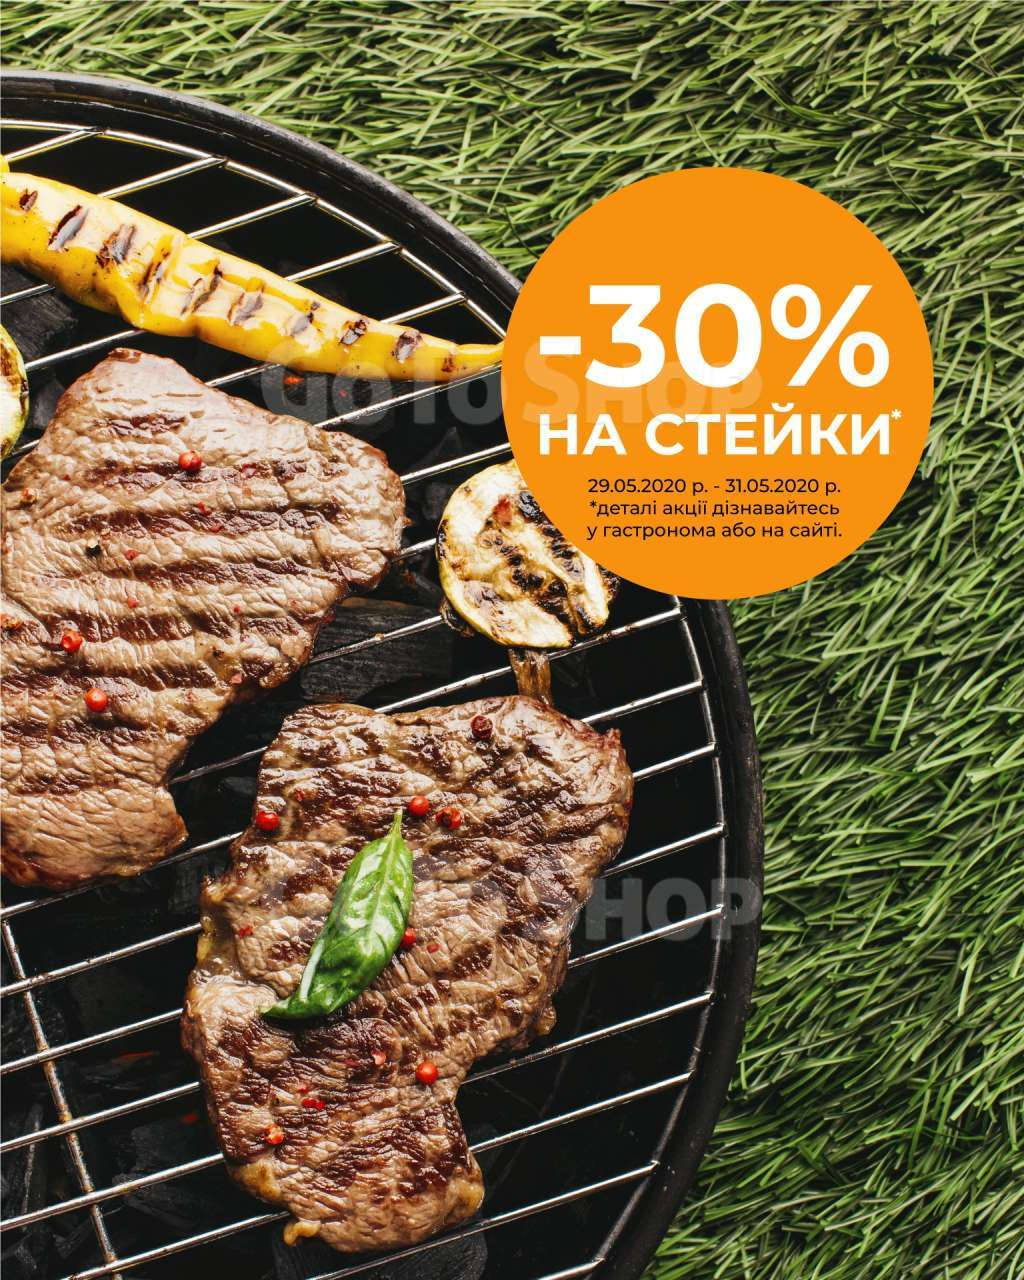 Мариноване м'ясо, шашлик, Свіже та заморожене м'ясо